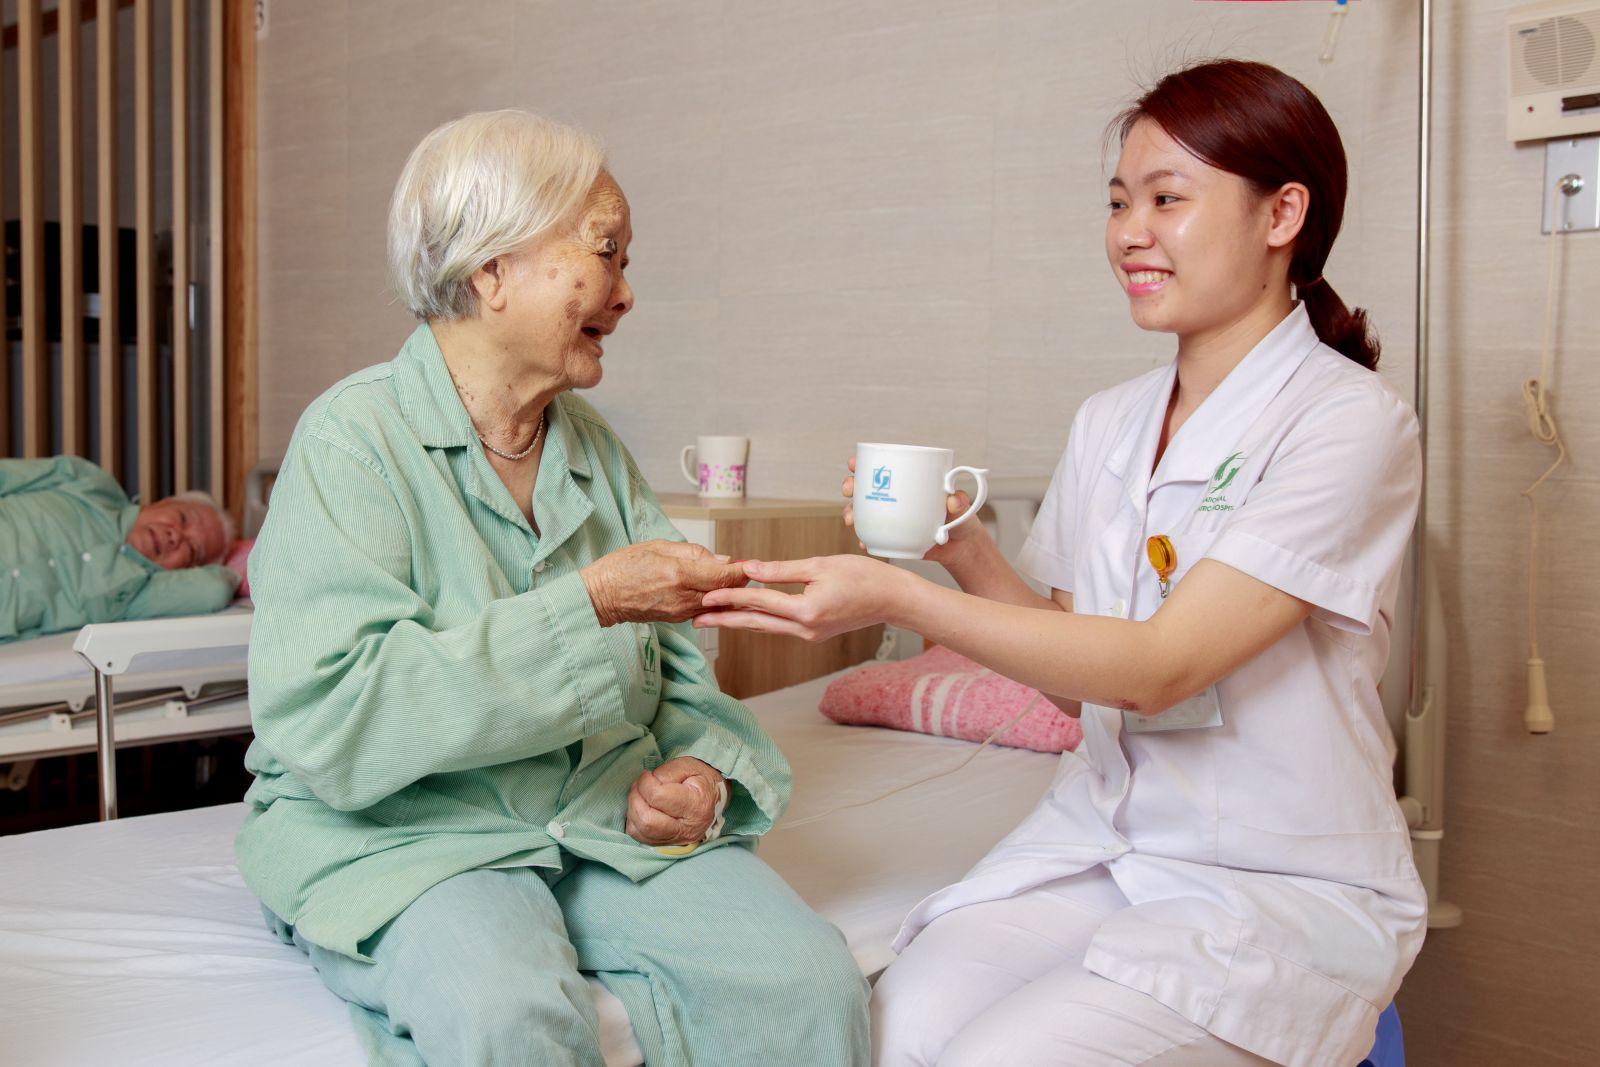 Địa Chỉ Chăm Sóc Người Già Tại Nhà Và Tại Bệnh Viện Tận Tâm